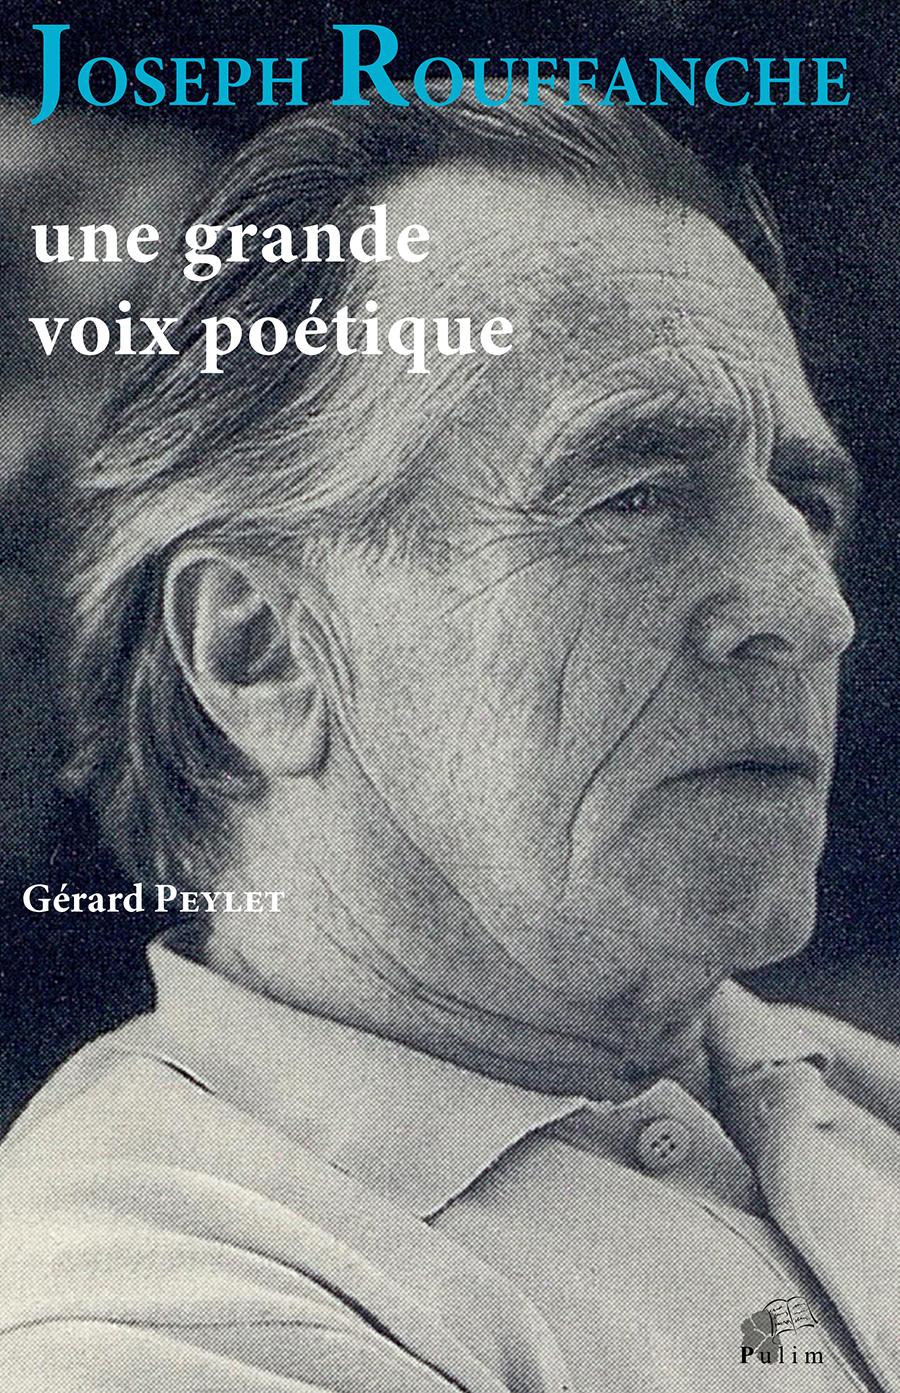 G. Peylet, Joseph Rouffanche. Une grande voix poétique